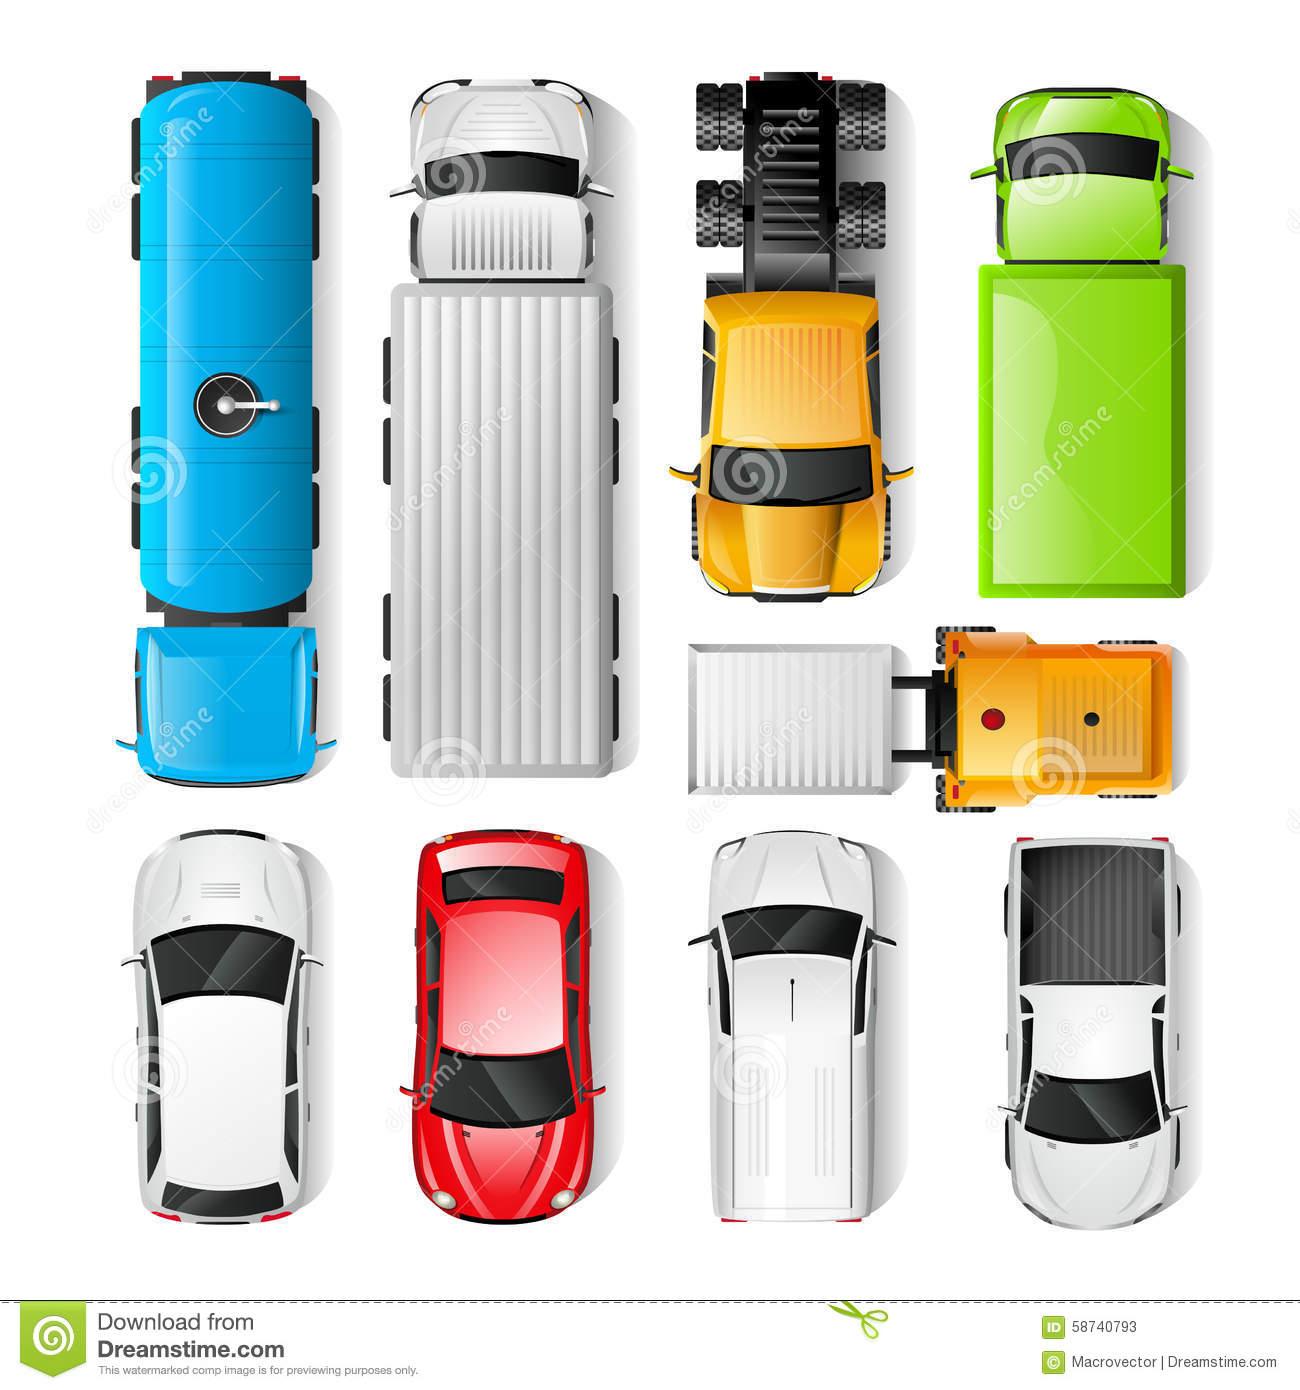 Điều khiển bãi xe ô tô tự động bằng PLC